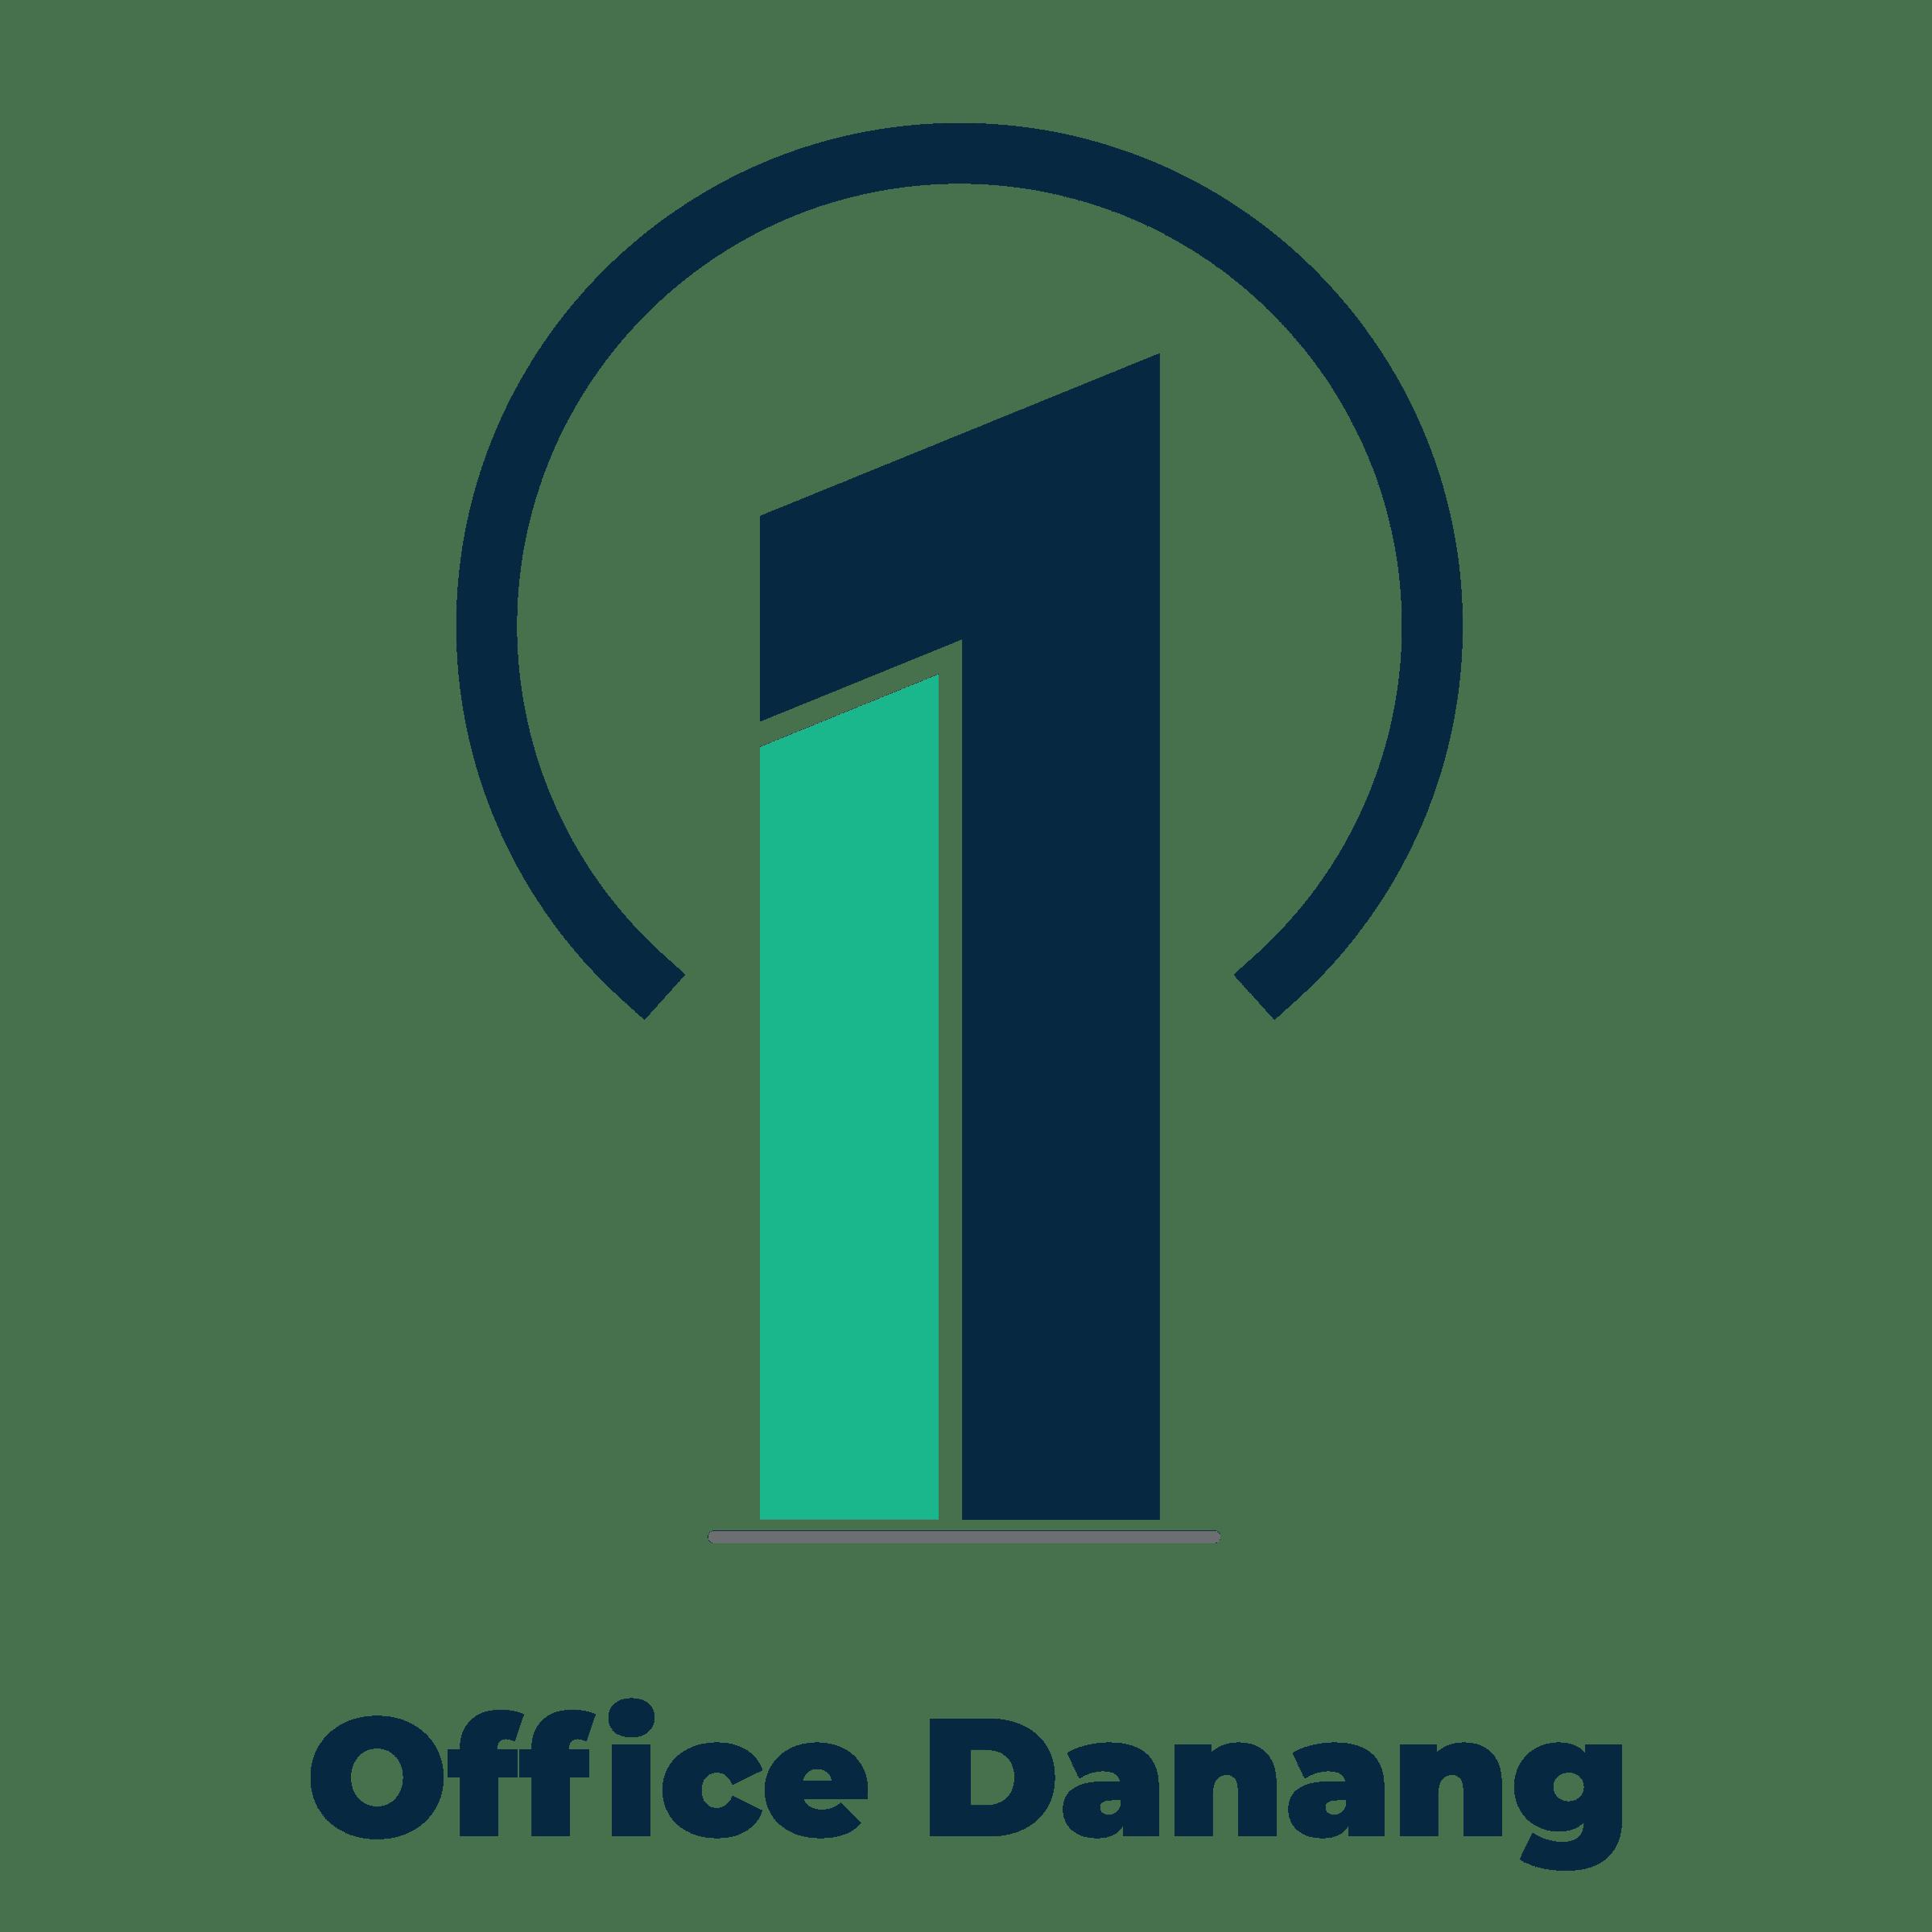 Office Danang – Dịch vụ tư vấn tìm kiếm văn phòng cho thuê tại Đà Nẵng-Tư vấn tìm kiếm văn phòng tại Đà Nẵng miễn phí